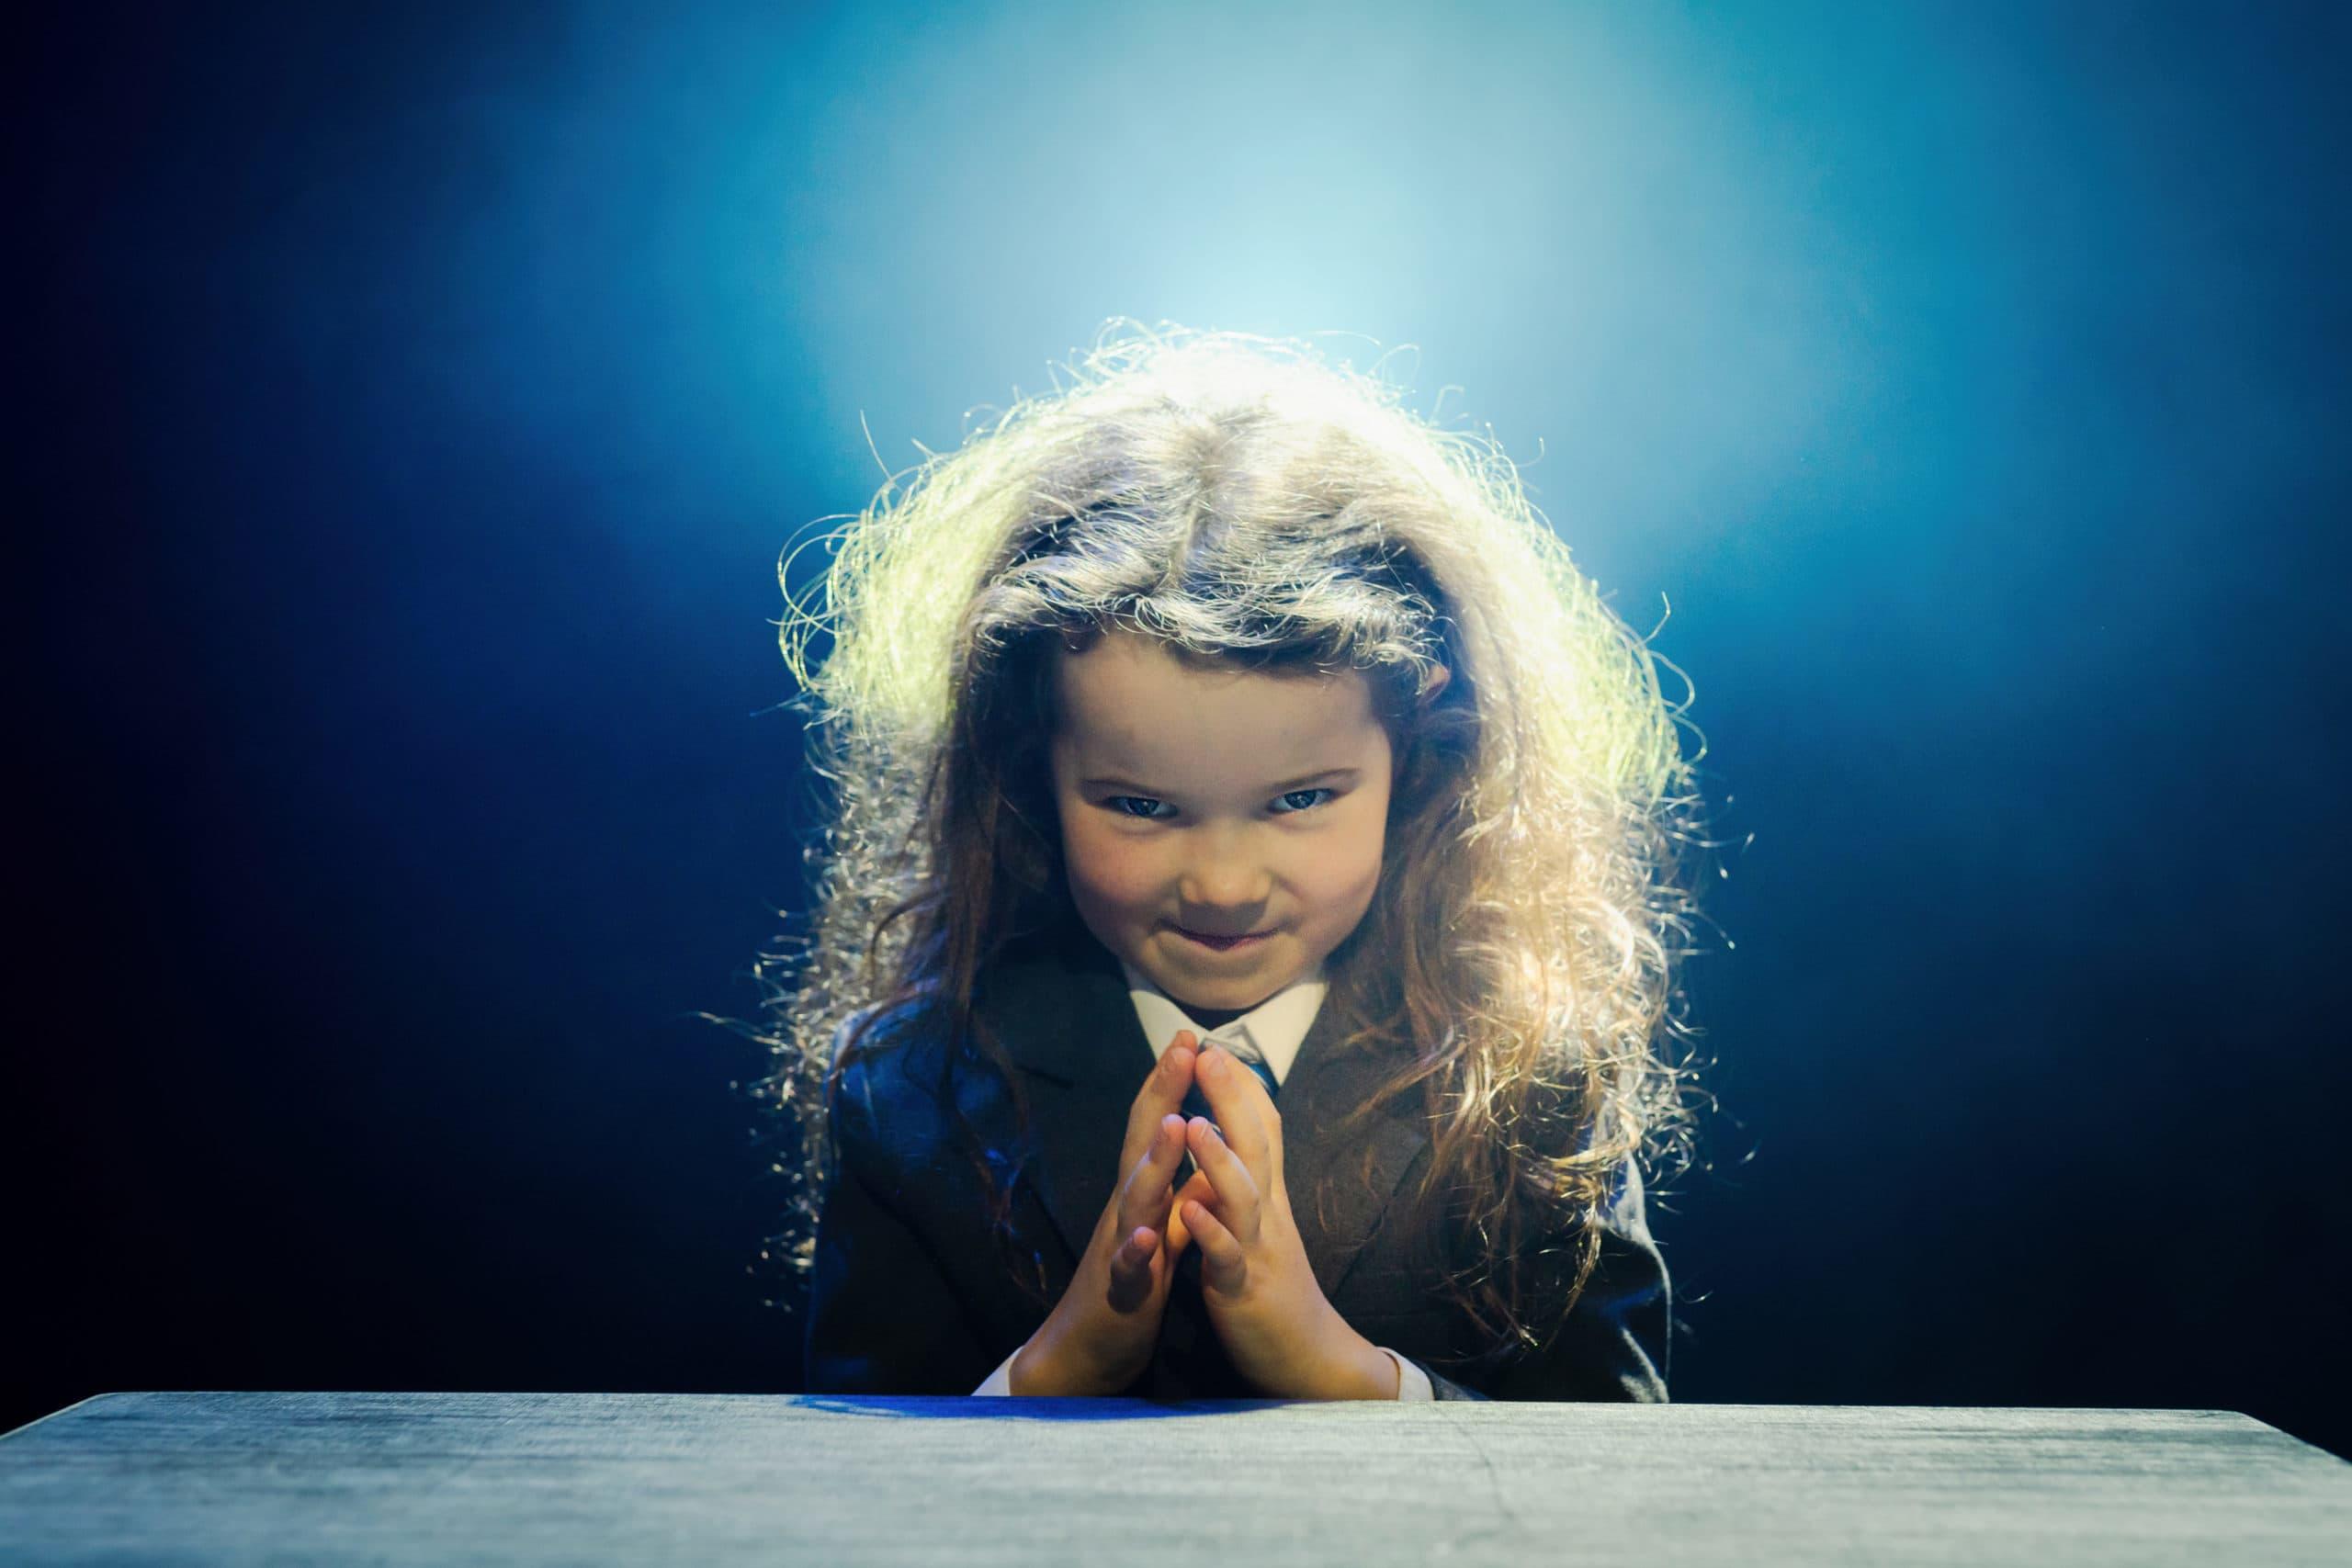 Pieni tyttö katsoo kameraan tukka pörrössä.